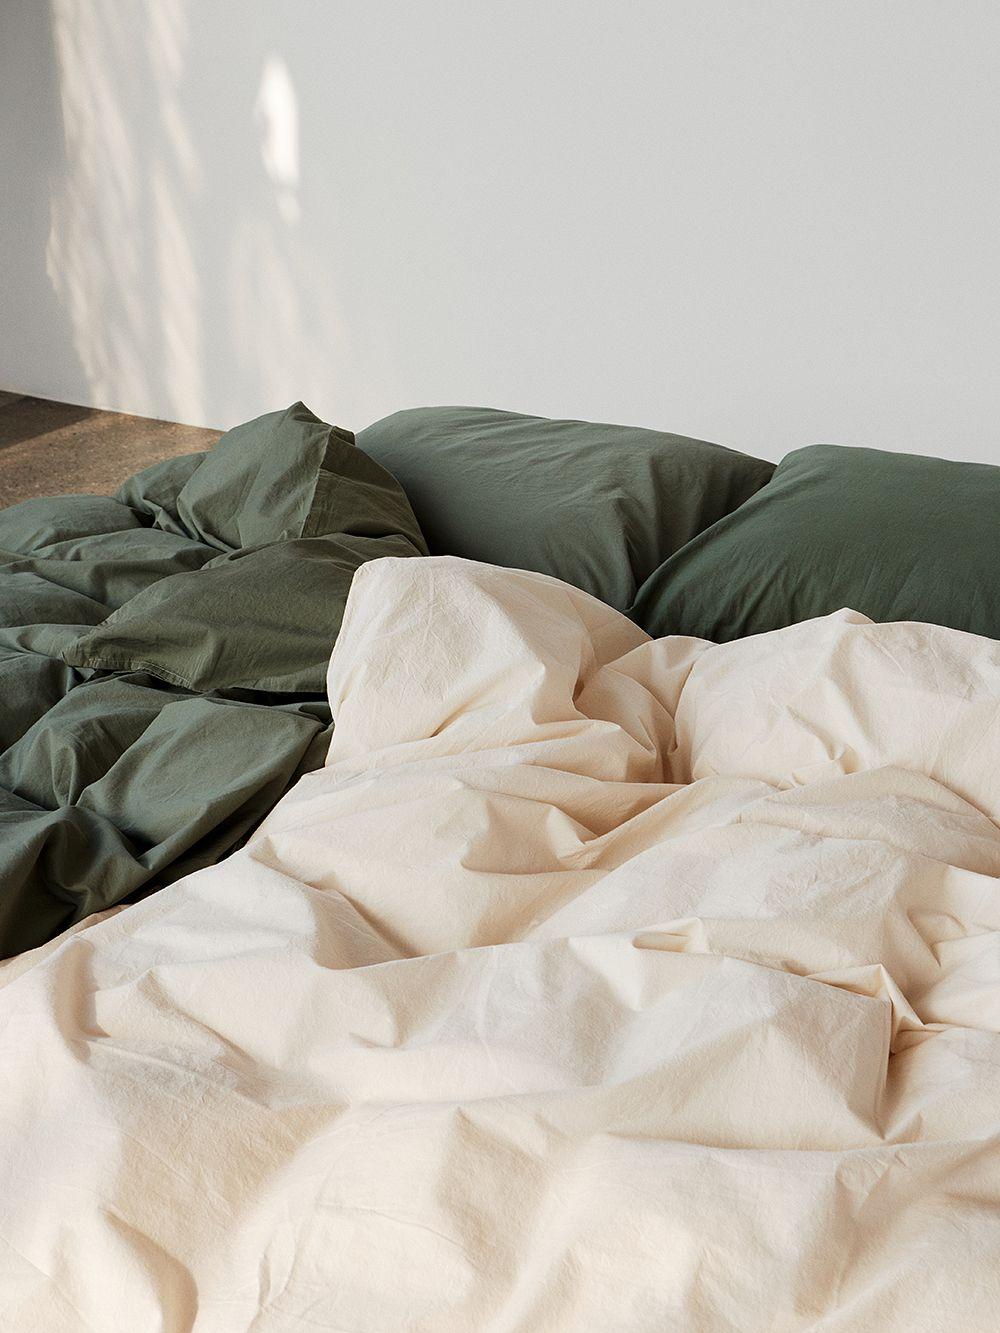 Tekla Single duvet cover, 150 x 210 cm, olive green